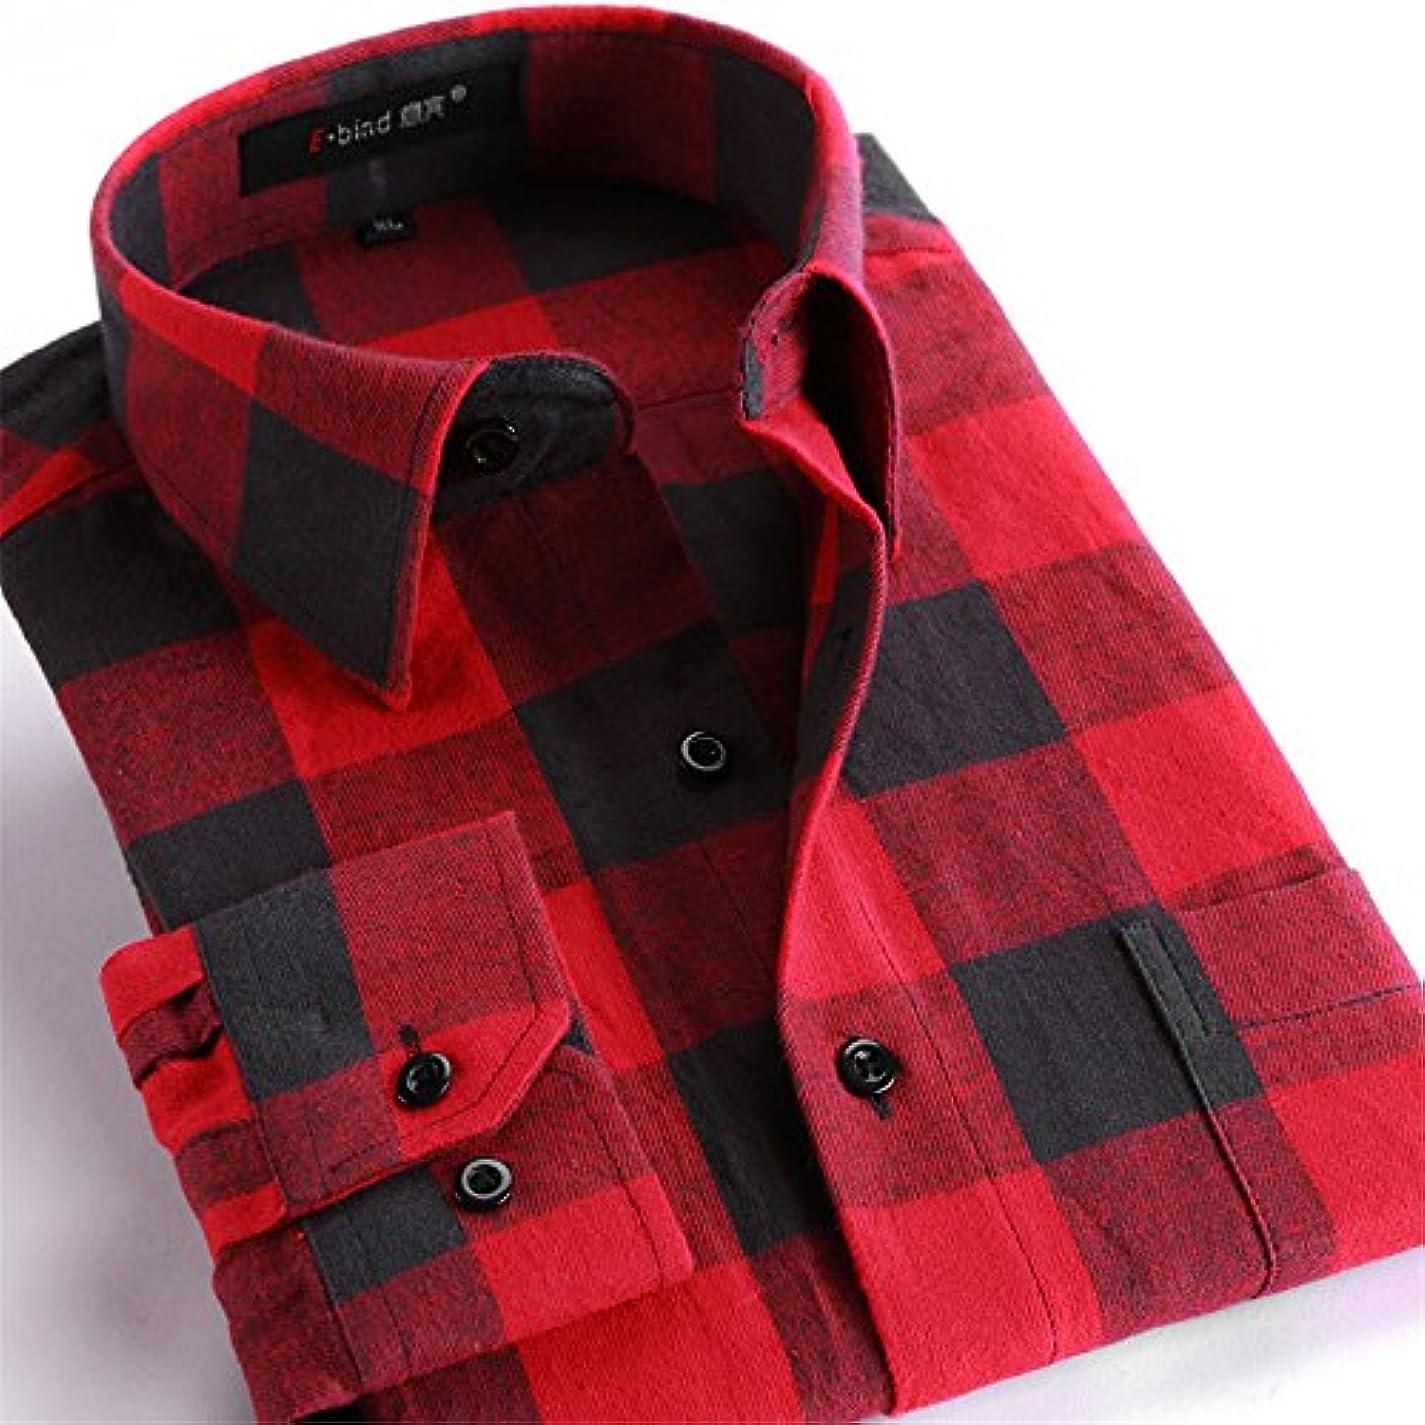 付添人やる評価するAiGo メンズ 長袖 メンズシャツ カジュアル tシャツ 格子縞 カラー Yシャツ 通勤 通学 ワイシャツ 開襟シャツ 紳士 男性 シャツ レギュラーシャツ (XXXXL, Type4) [並行輸入品]